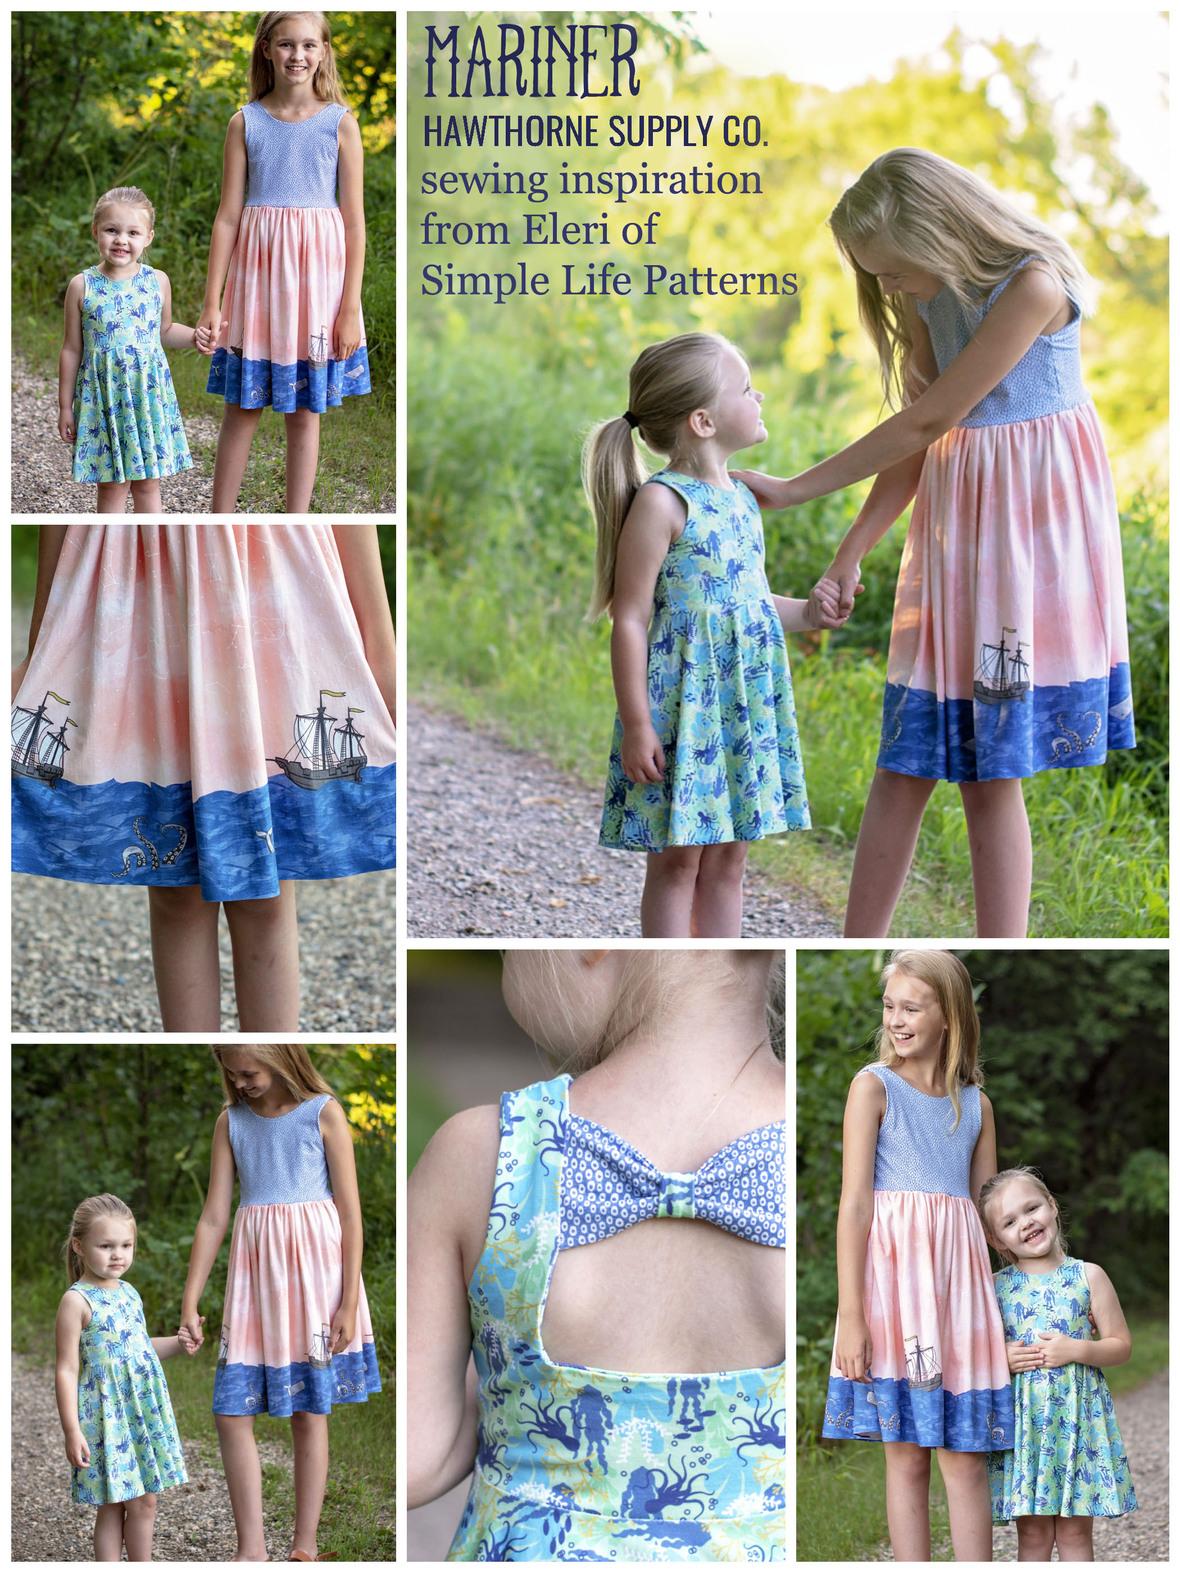 Mariner SLPCO Skylar Knit Dresses